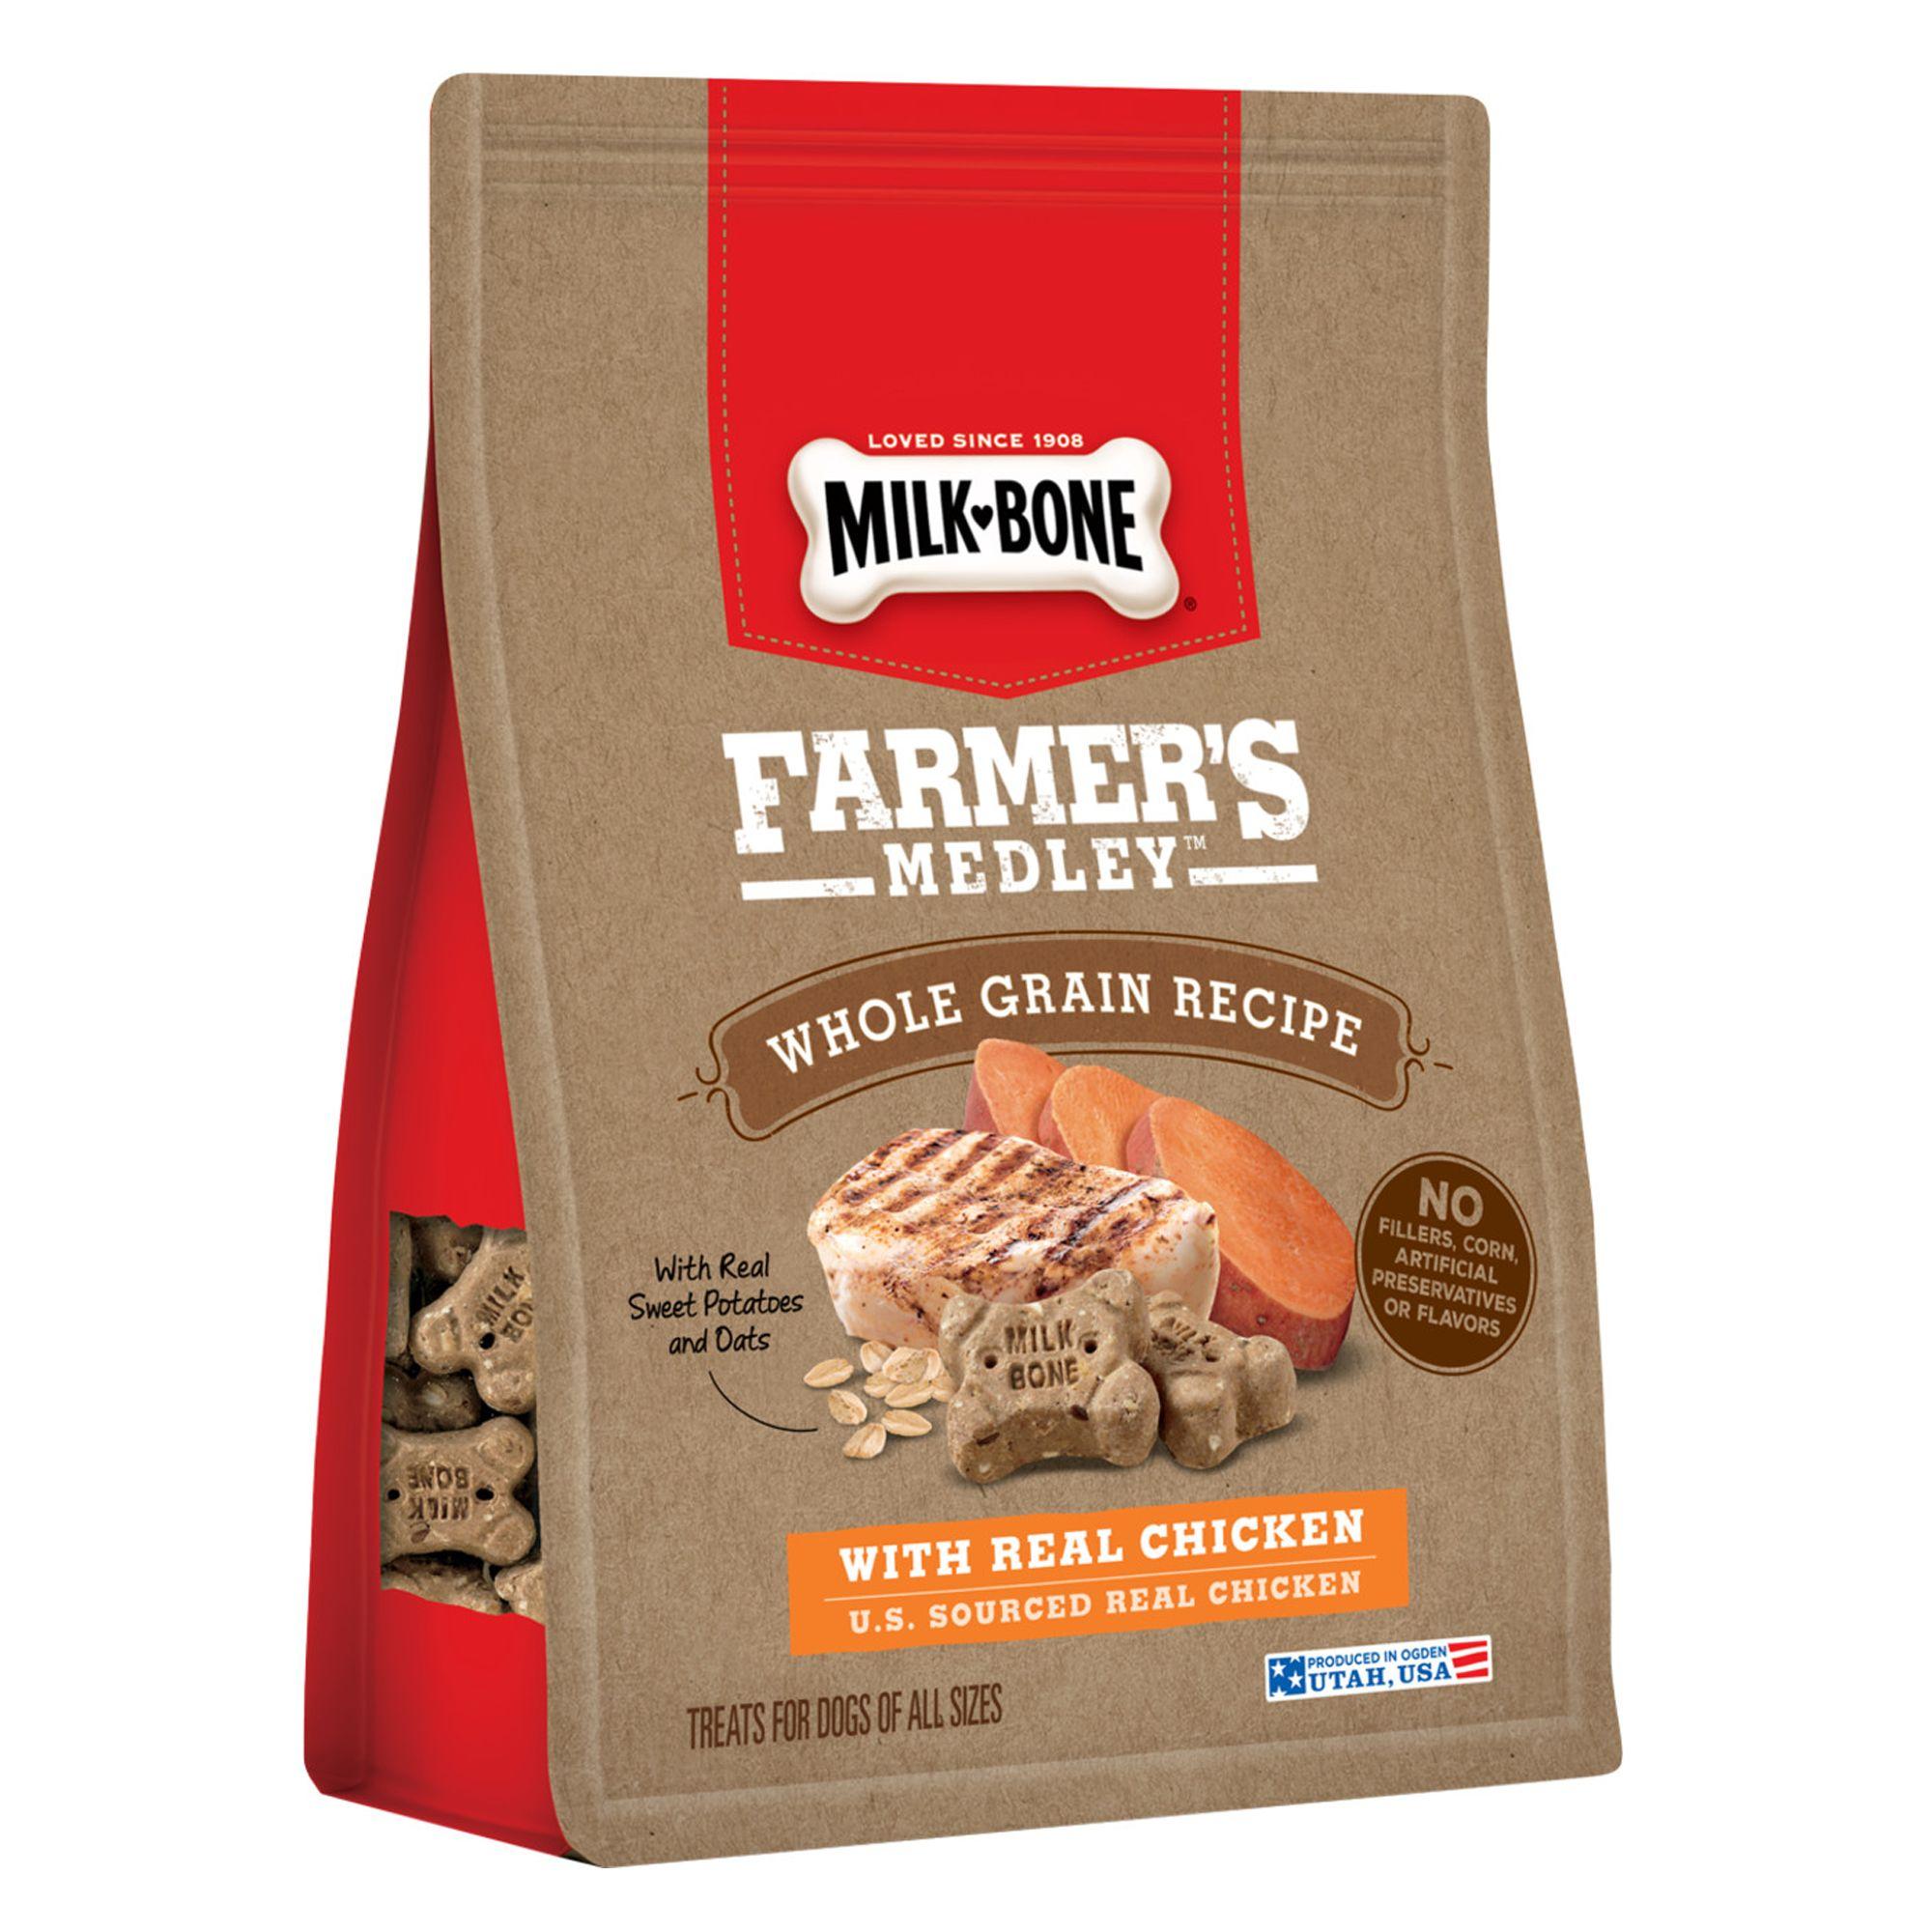 Milk-Bone Farmer's Medley Dog Treat - Chicken size: 12 Oz, Biscuit, Adult, Ground Whole Wheat